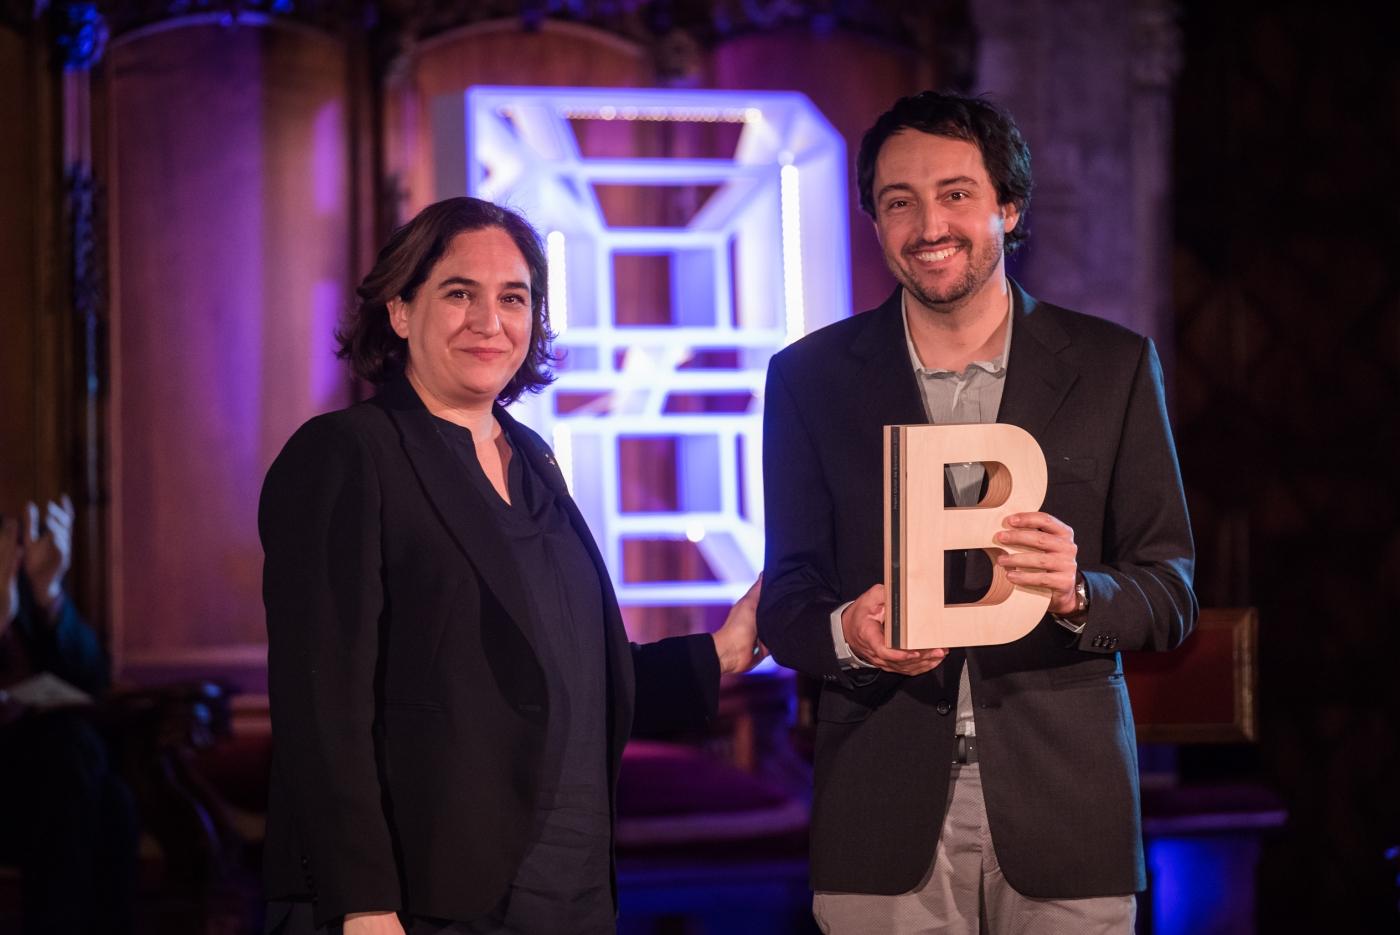 Pere Roca-Cusachs - Premi Ciutat de Barcelona de Ciències de la vida 2017